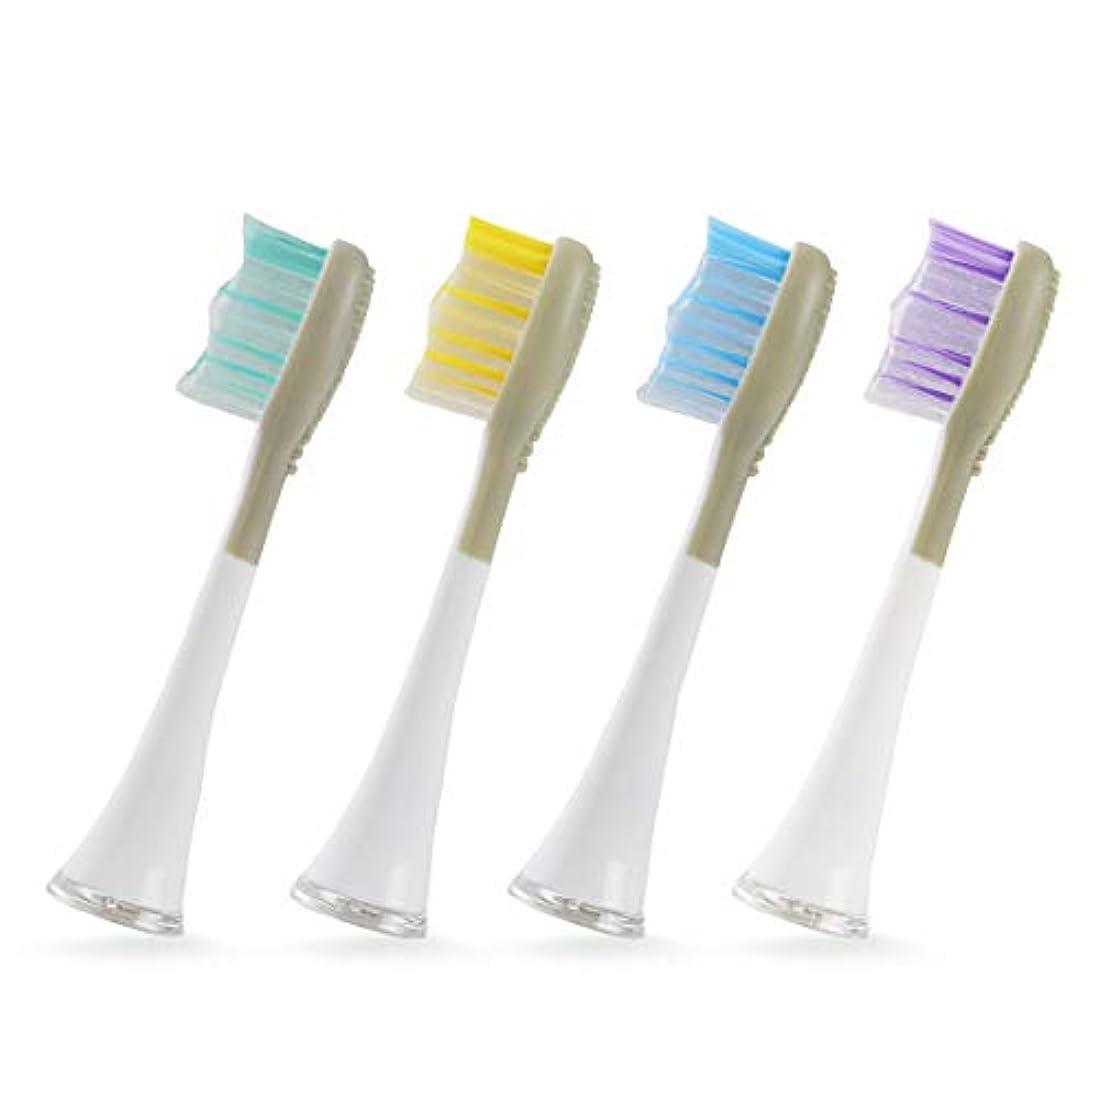 言うインサートフォーカスクルラ(Qurra) 電動歯ブラシ 音波式 Basic 替えブラシ 4個セット 舌クリーナー 付